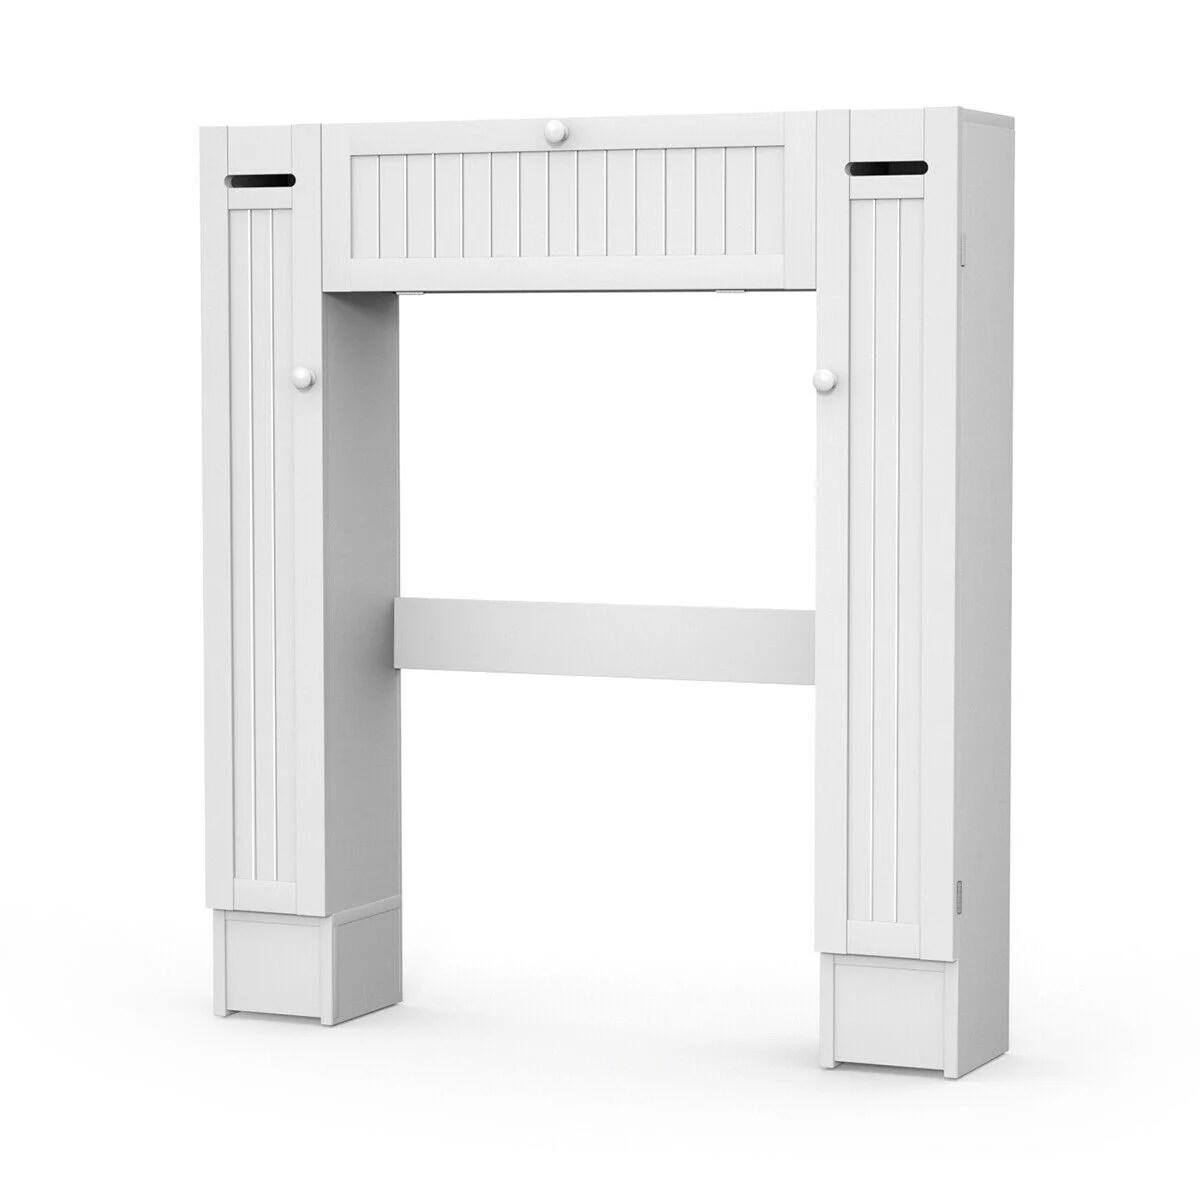 Goplus Wooden Over The Toilet Storage Cabinet Drop Door Spacesaver Bathroom White Walmart Com Walmart Com